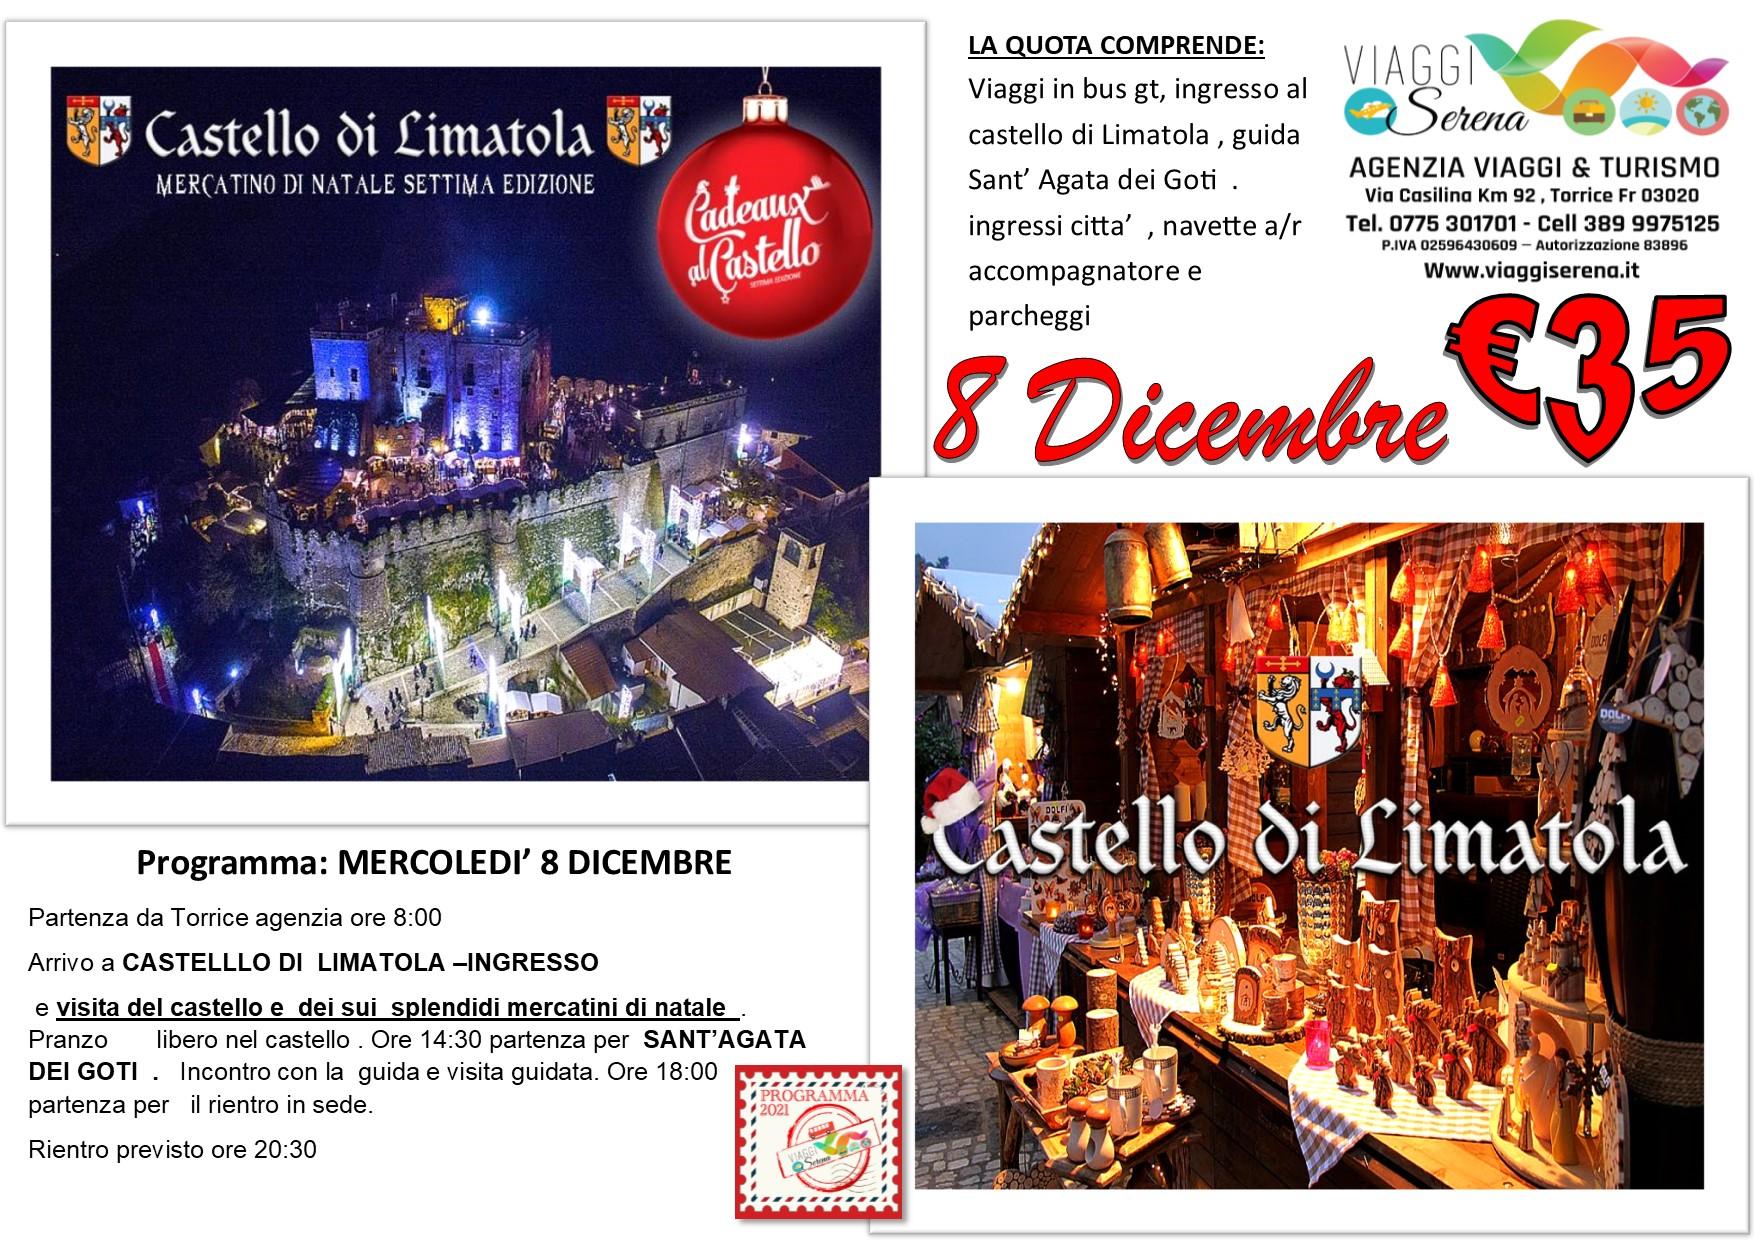 """Viaggi di Gruppo: Castello di Limatola """" Mercatini di Natale"""" & Sant' Agata dei Goti 8 Dicembre € 35,00"""